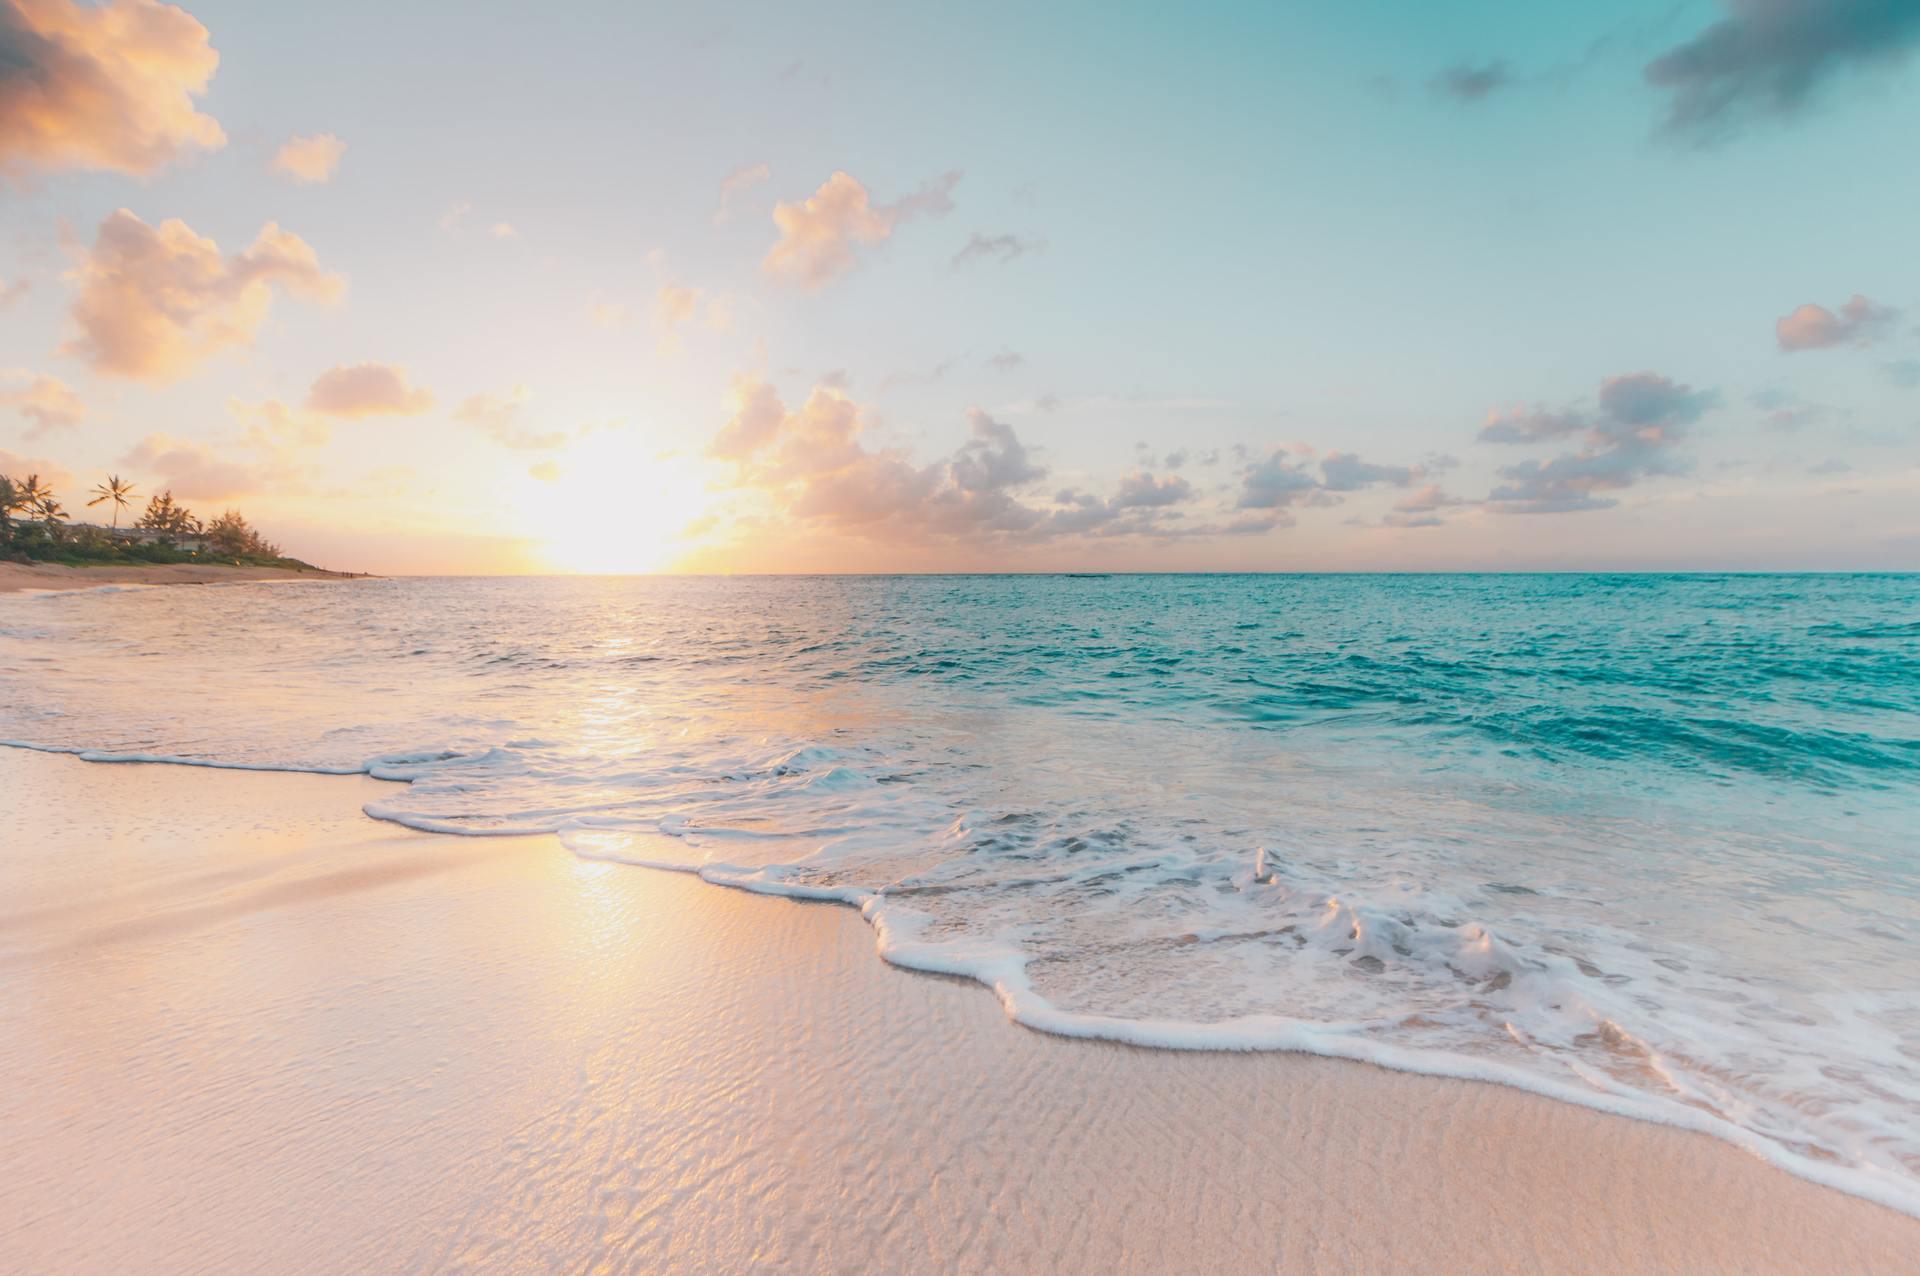 Blauw water, een heerlijk zandstrand en een ondergaande zon, wat wil je nog meer?